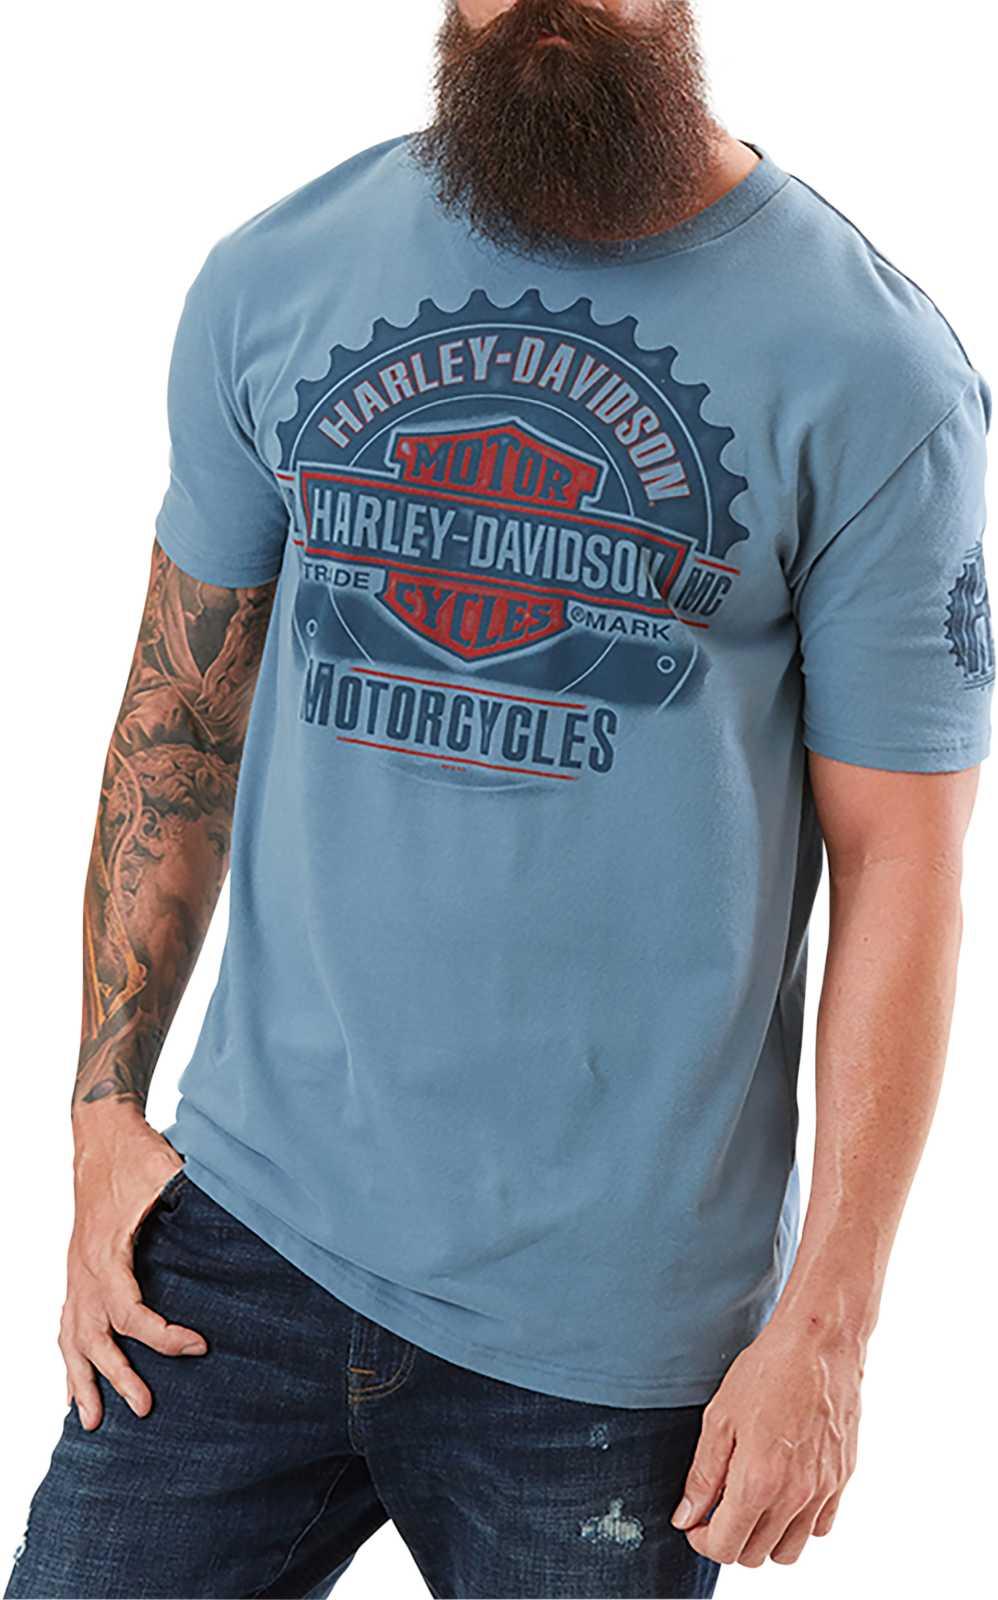 harley davidson t shirt motorcycle camaraderie im. Black Bedroom Furniture Sets. Home Design Ideas